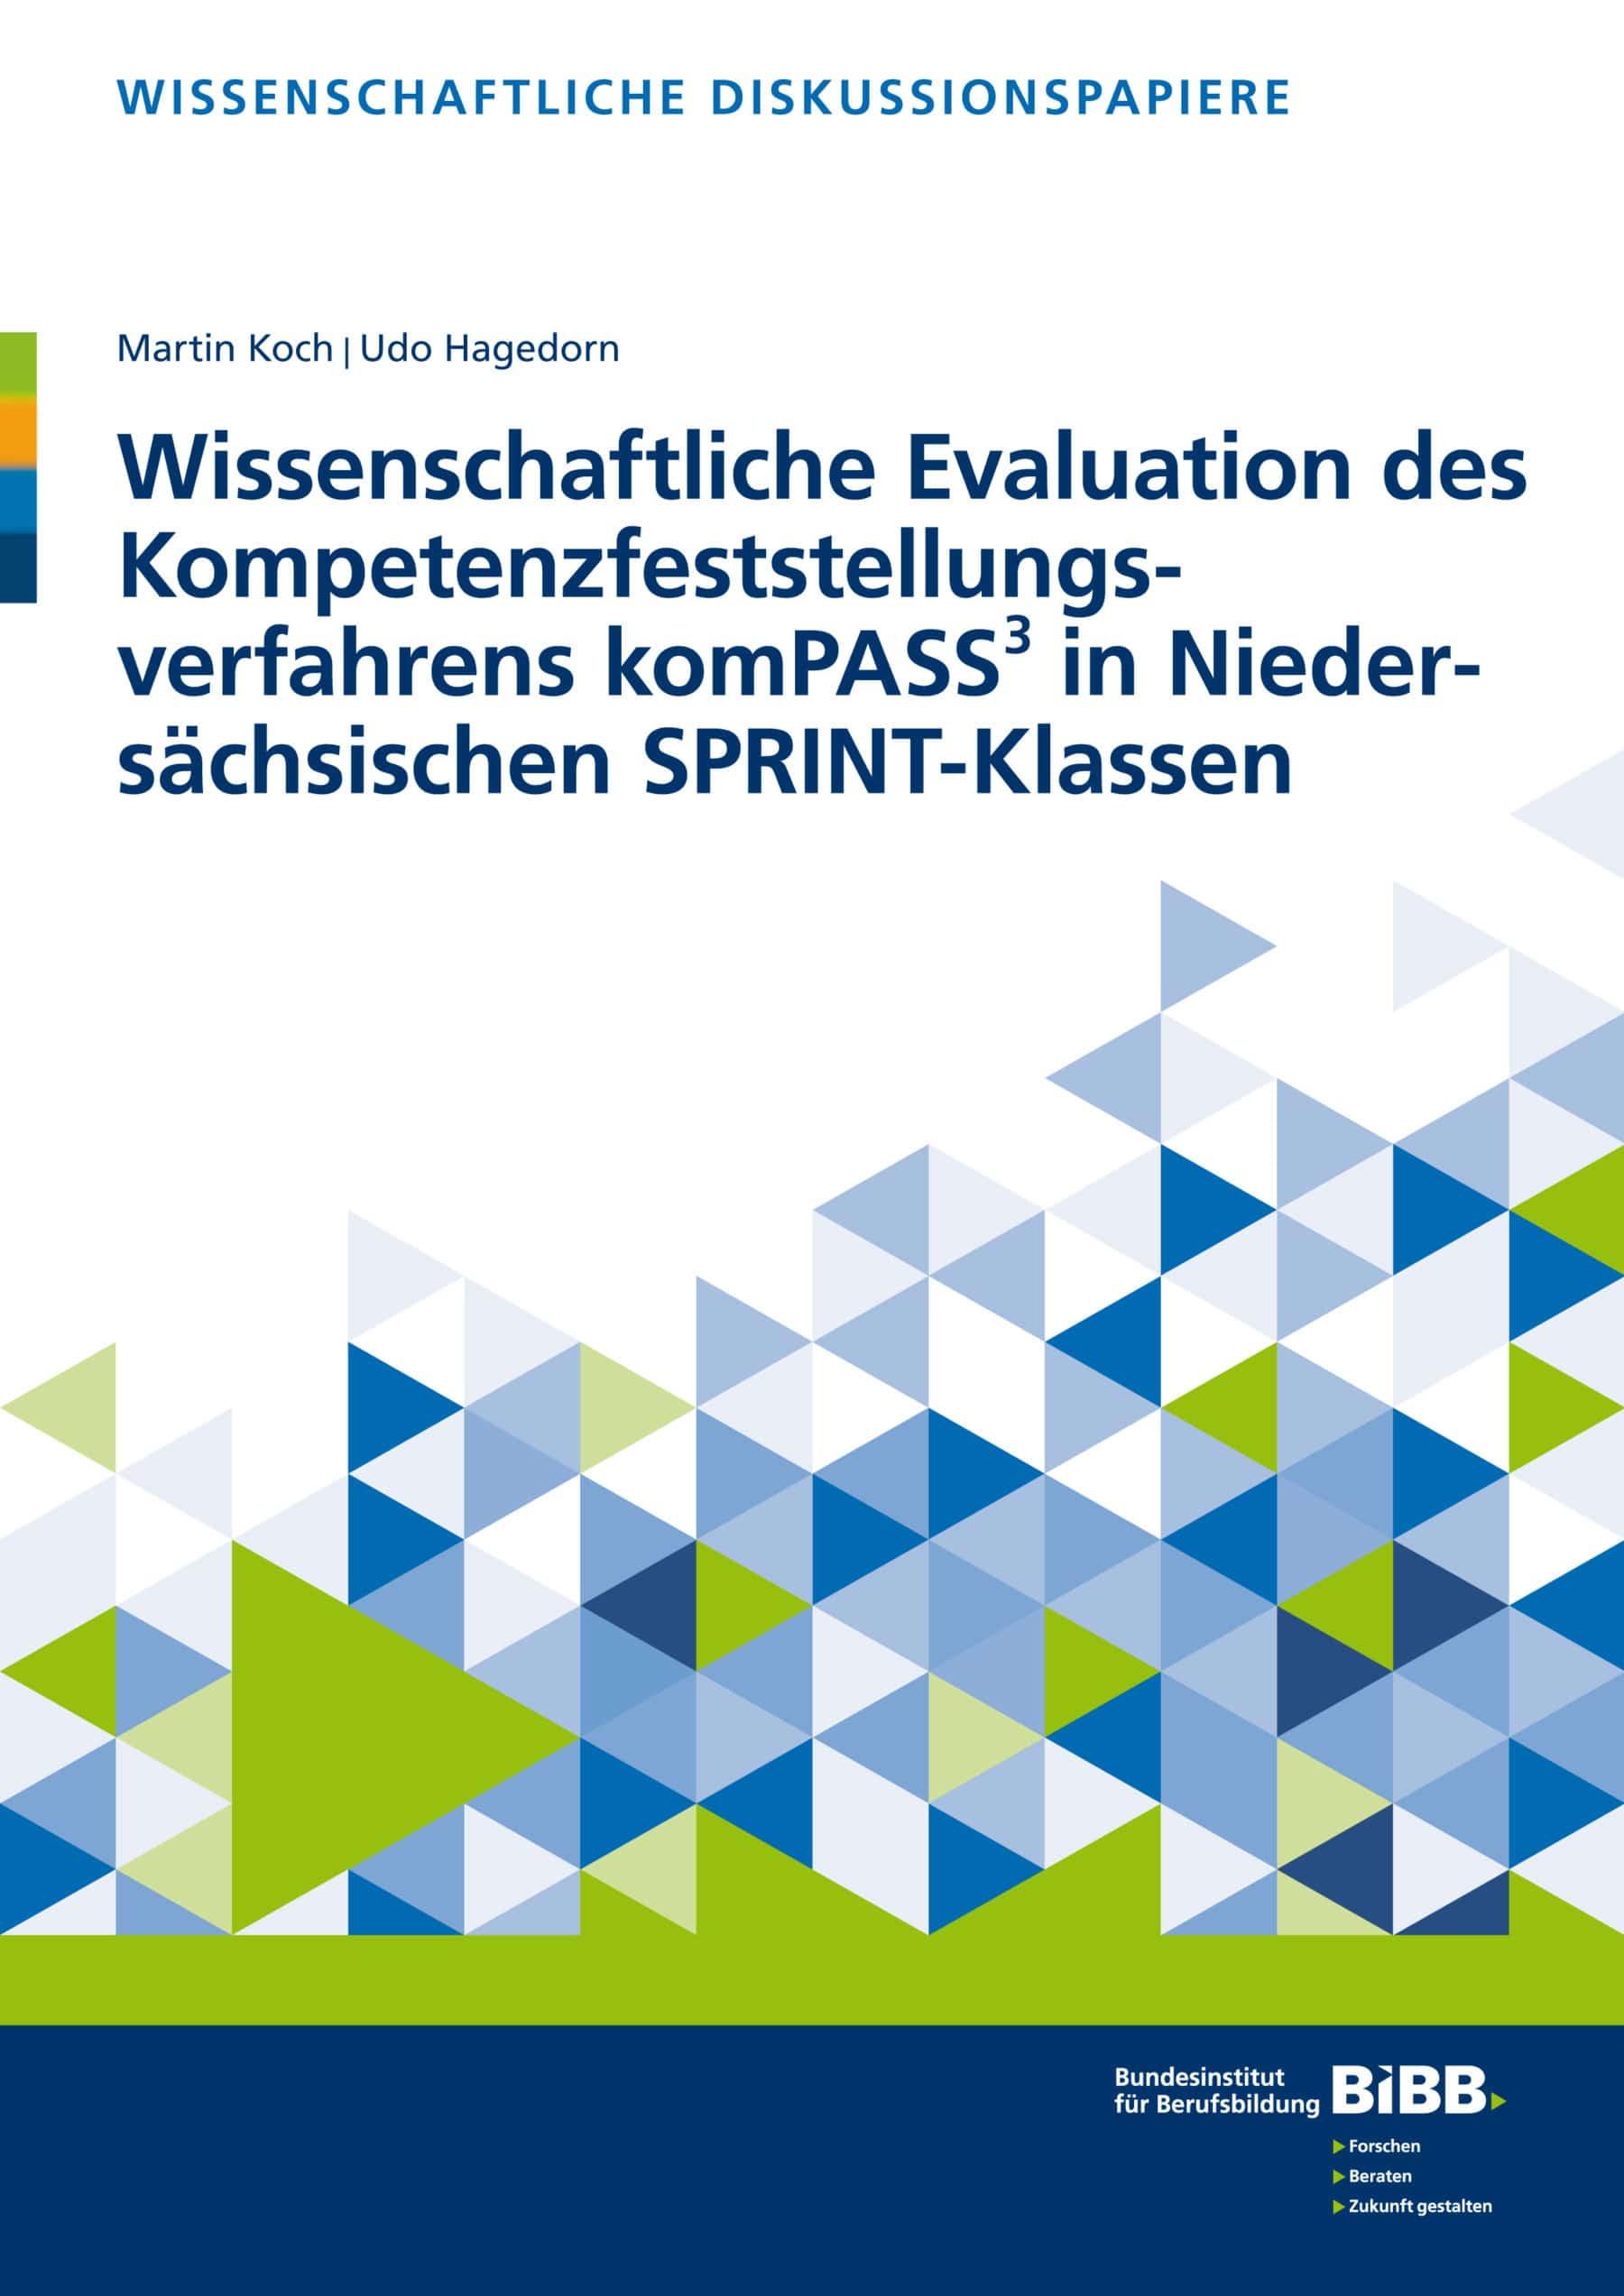 Wissenschaftliche Evaluation des Kompetenzfeststellungsverfahrens komPASS³ in Niedersächsischen SPRINT-Klassen